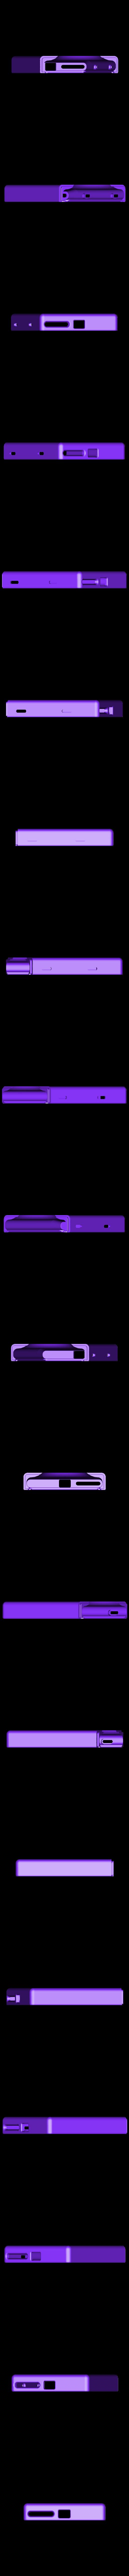 carcasa_inf_nokia_1020.stl Télécharger fichier STL gratuit Estuche, funda protectora Nokia Lumia 1020, con sistema articulado • Design pour imprimante 3D, saginau